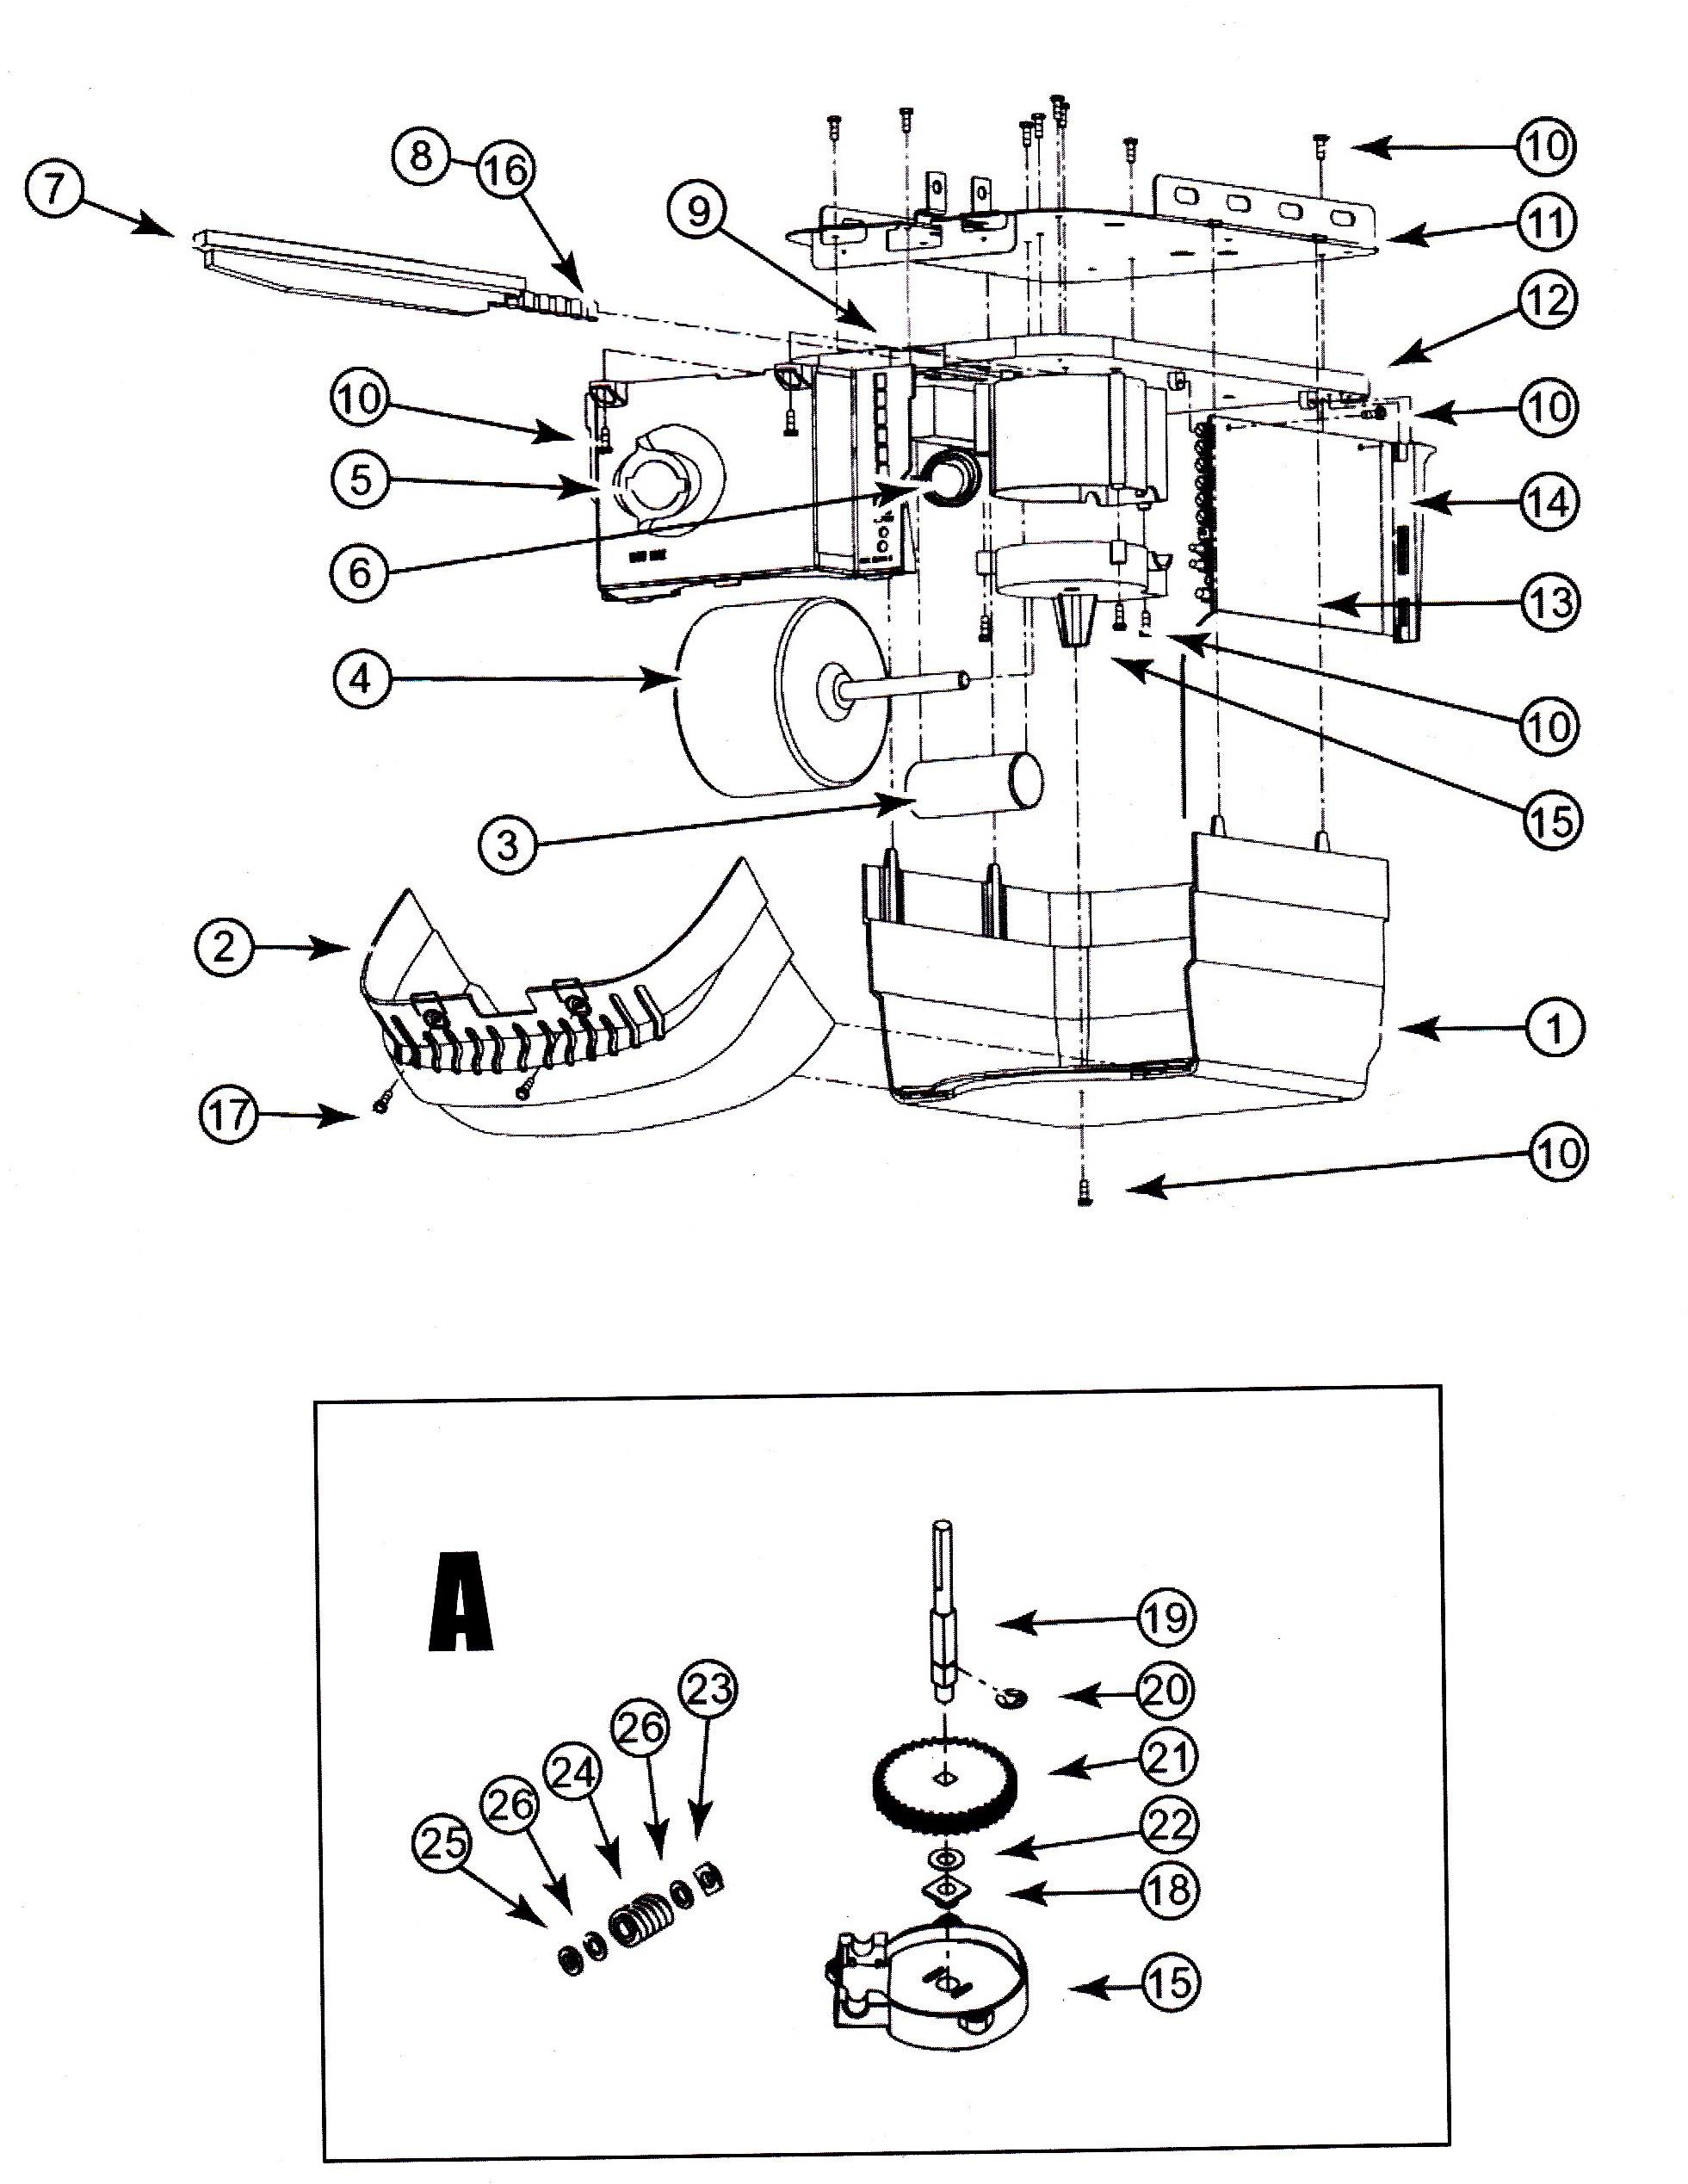 garage door opener wiring diagram likewise genie garage door